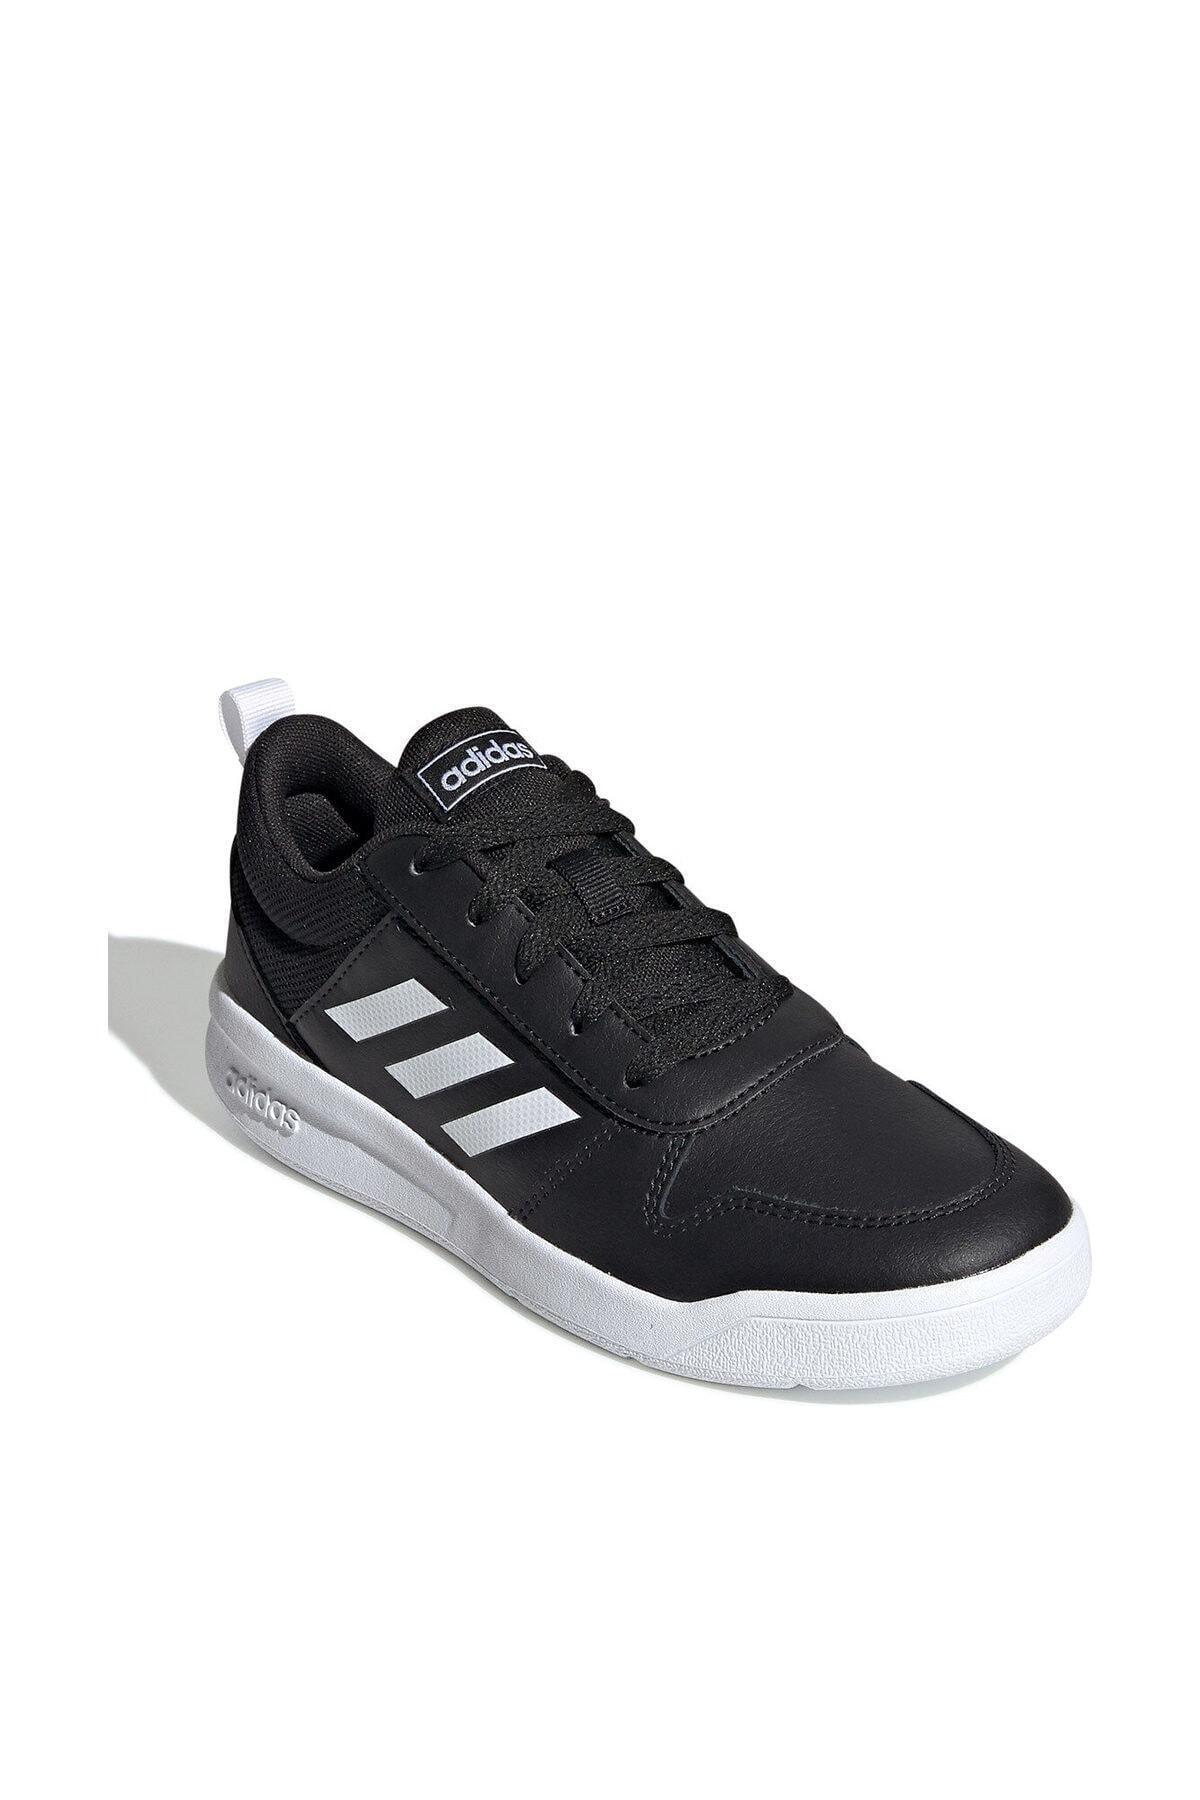 adidas TENSAUR K Siyah Erkek Çocuk Sneaker Ayakkabı 100532271 1